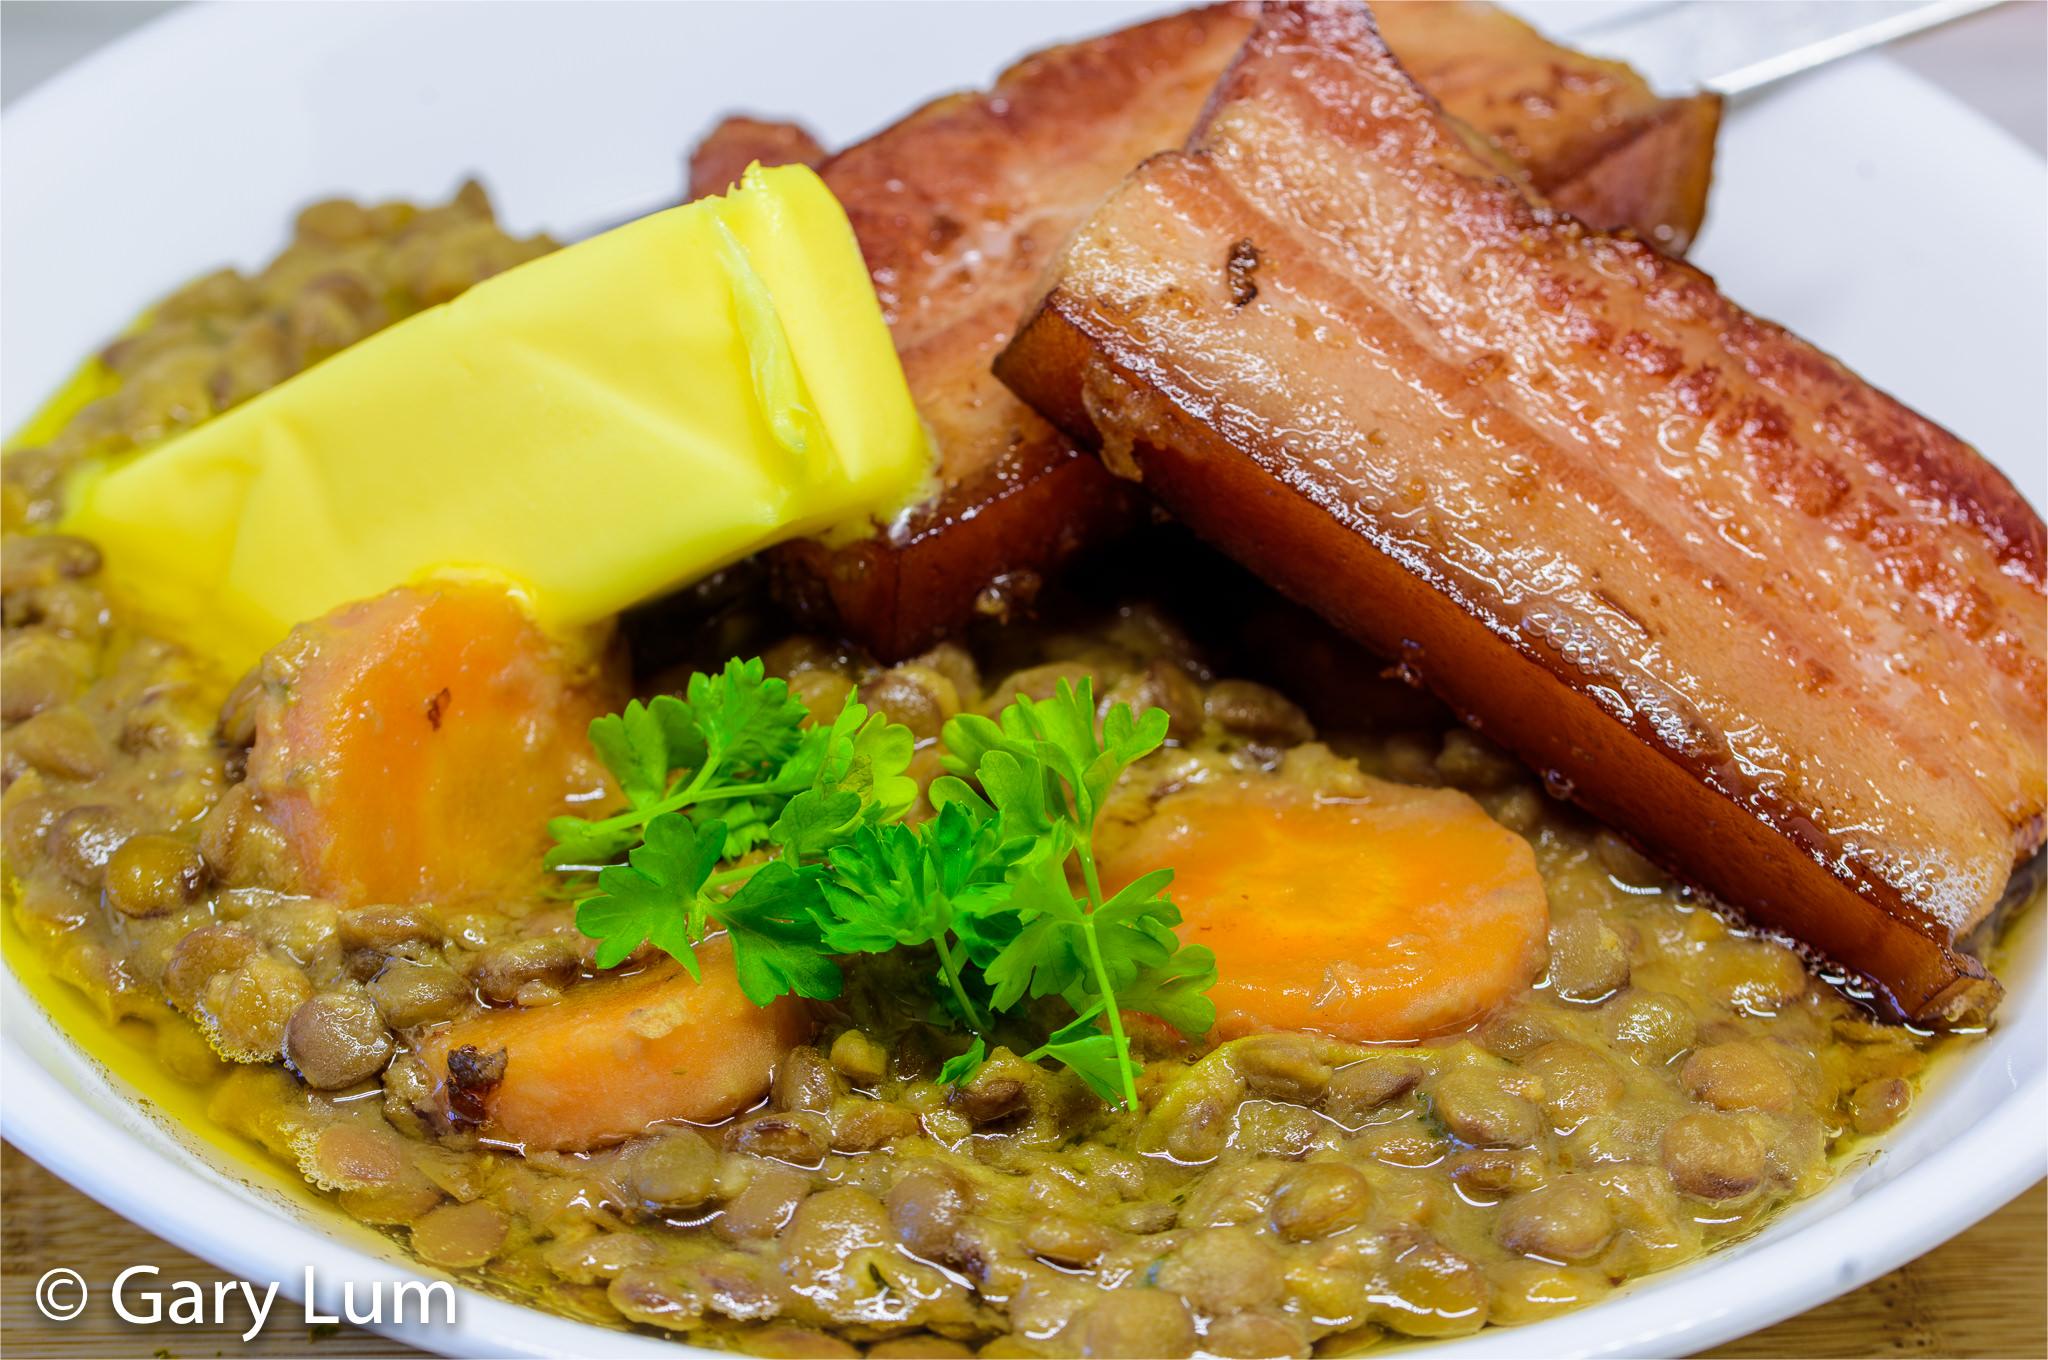 Lentils à la Dijonnaise (mustard and speck lentils)